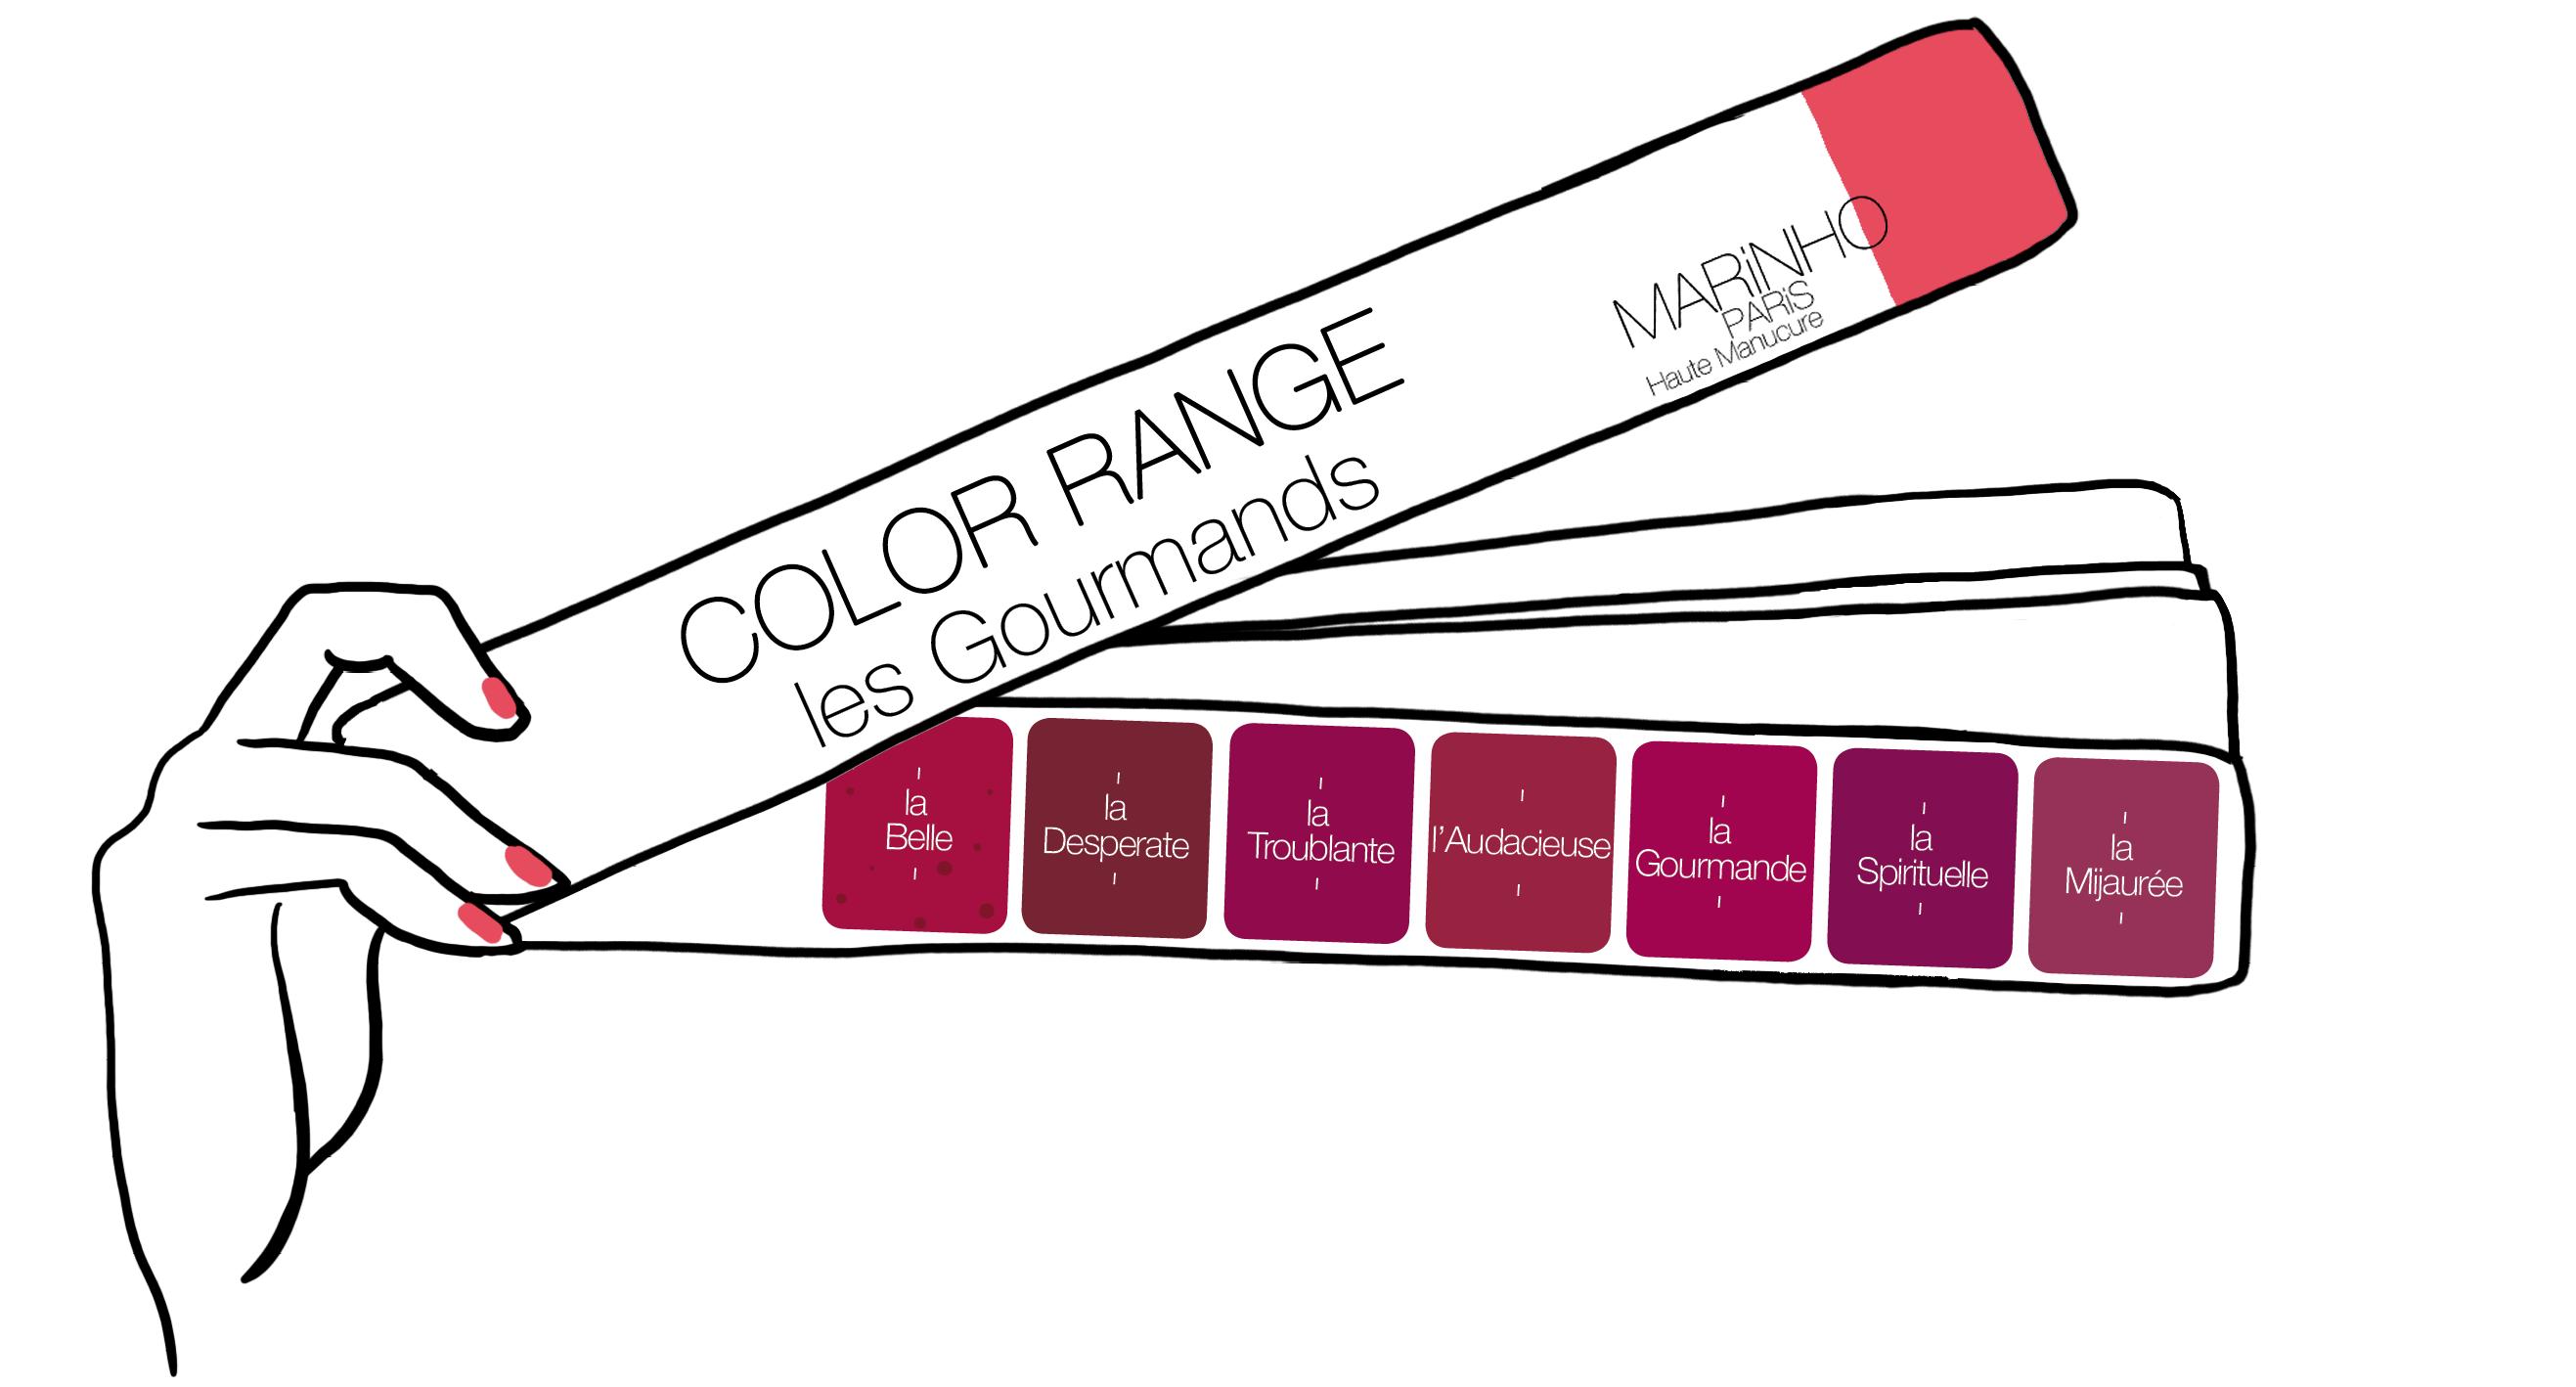 gamme couleur rouge-rose marinho paris